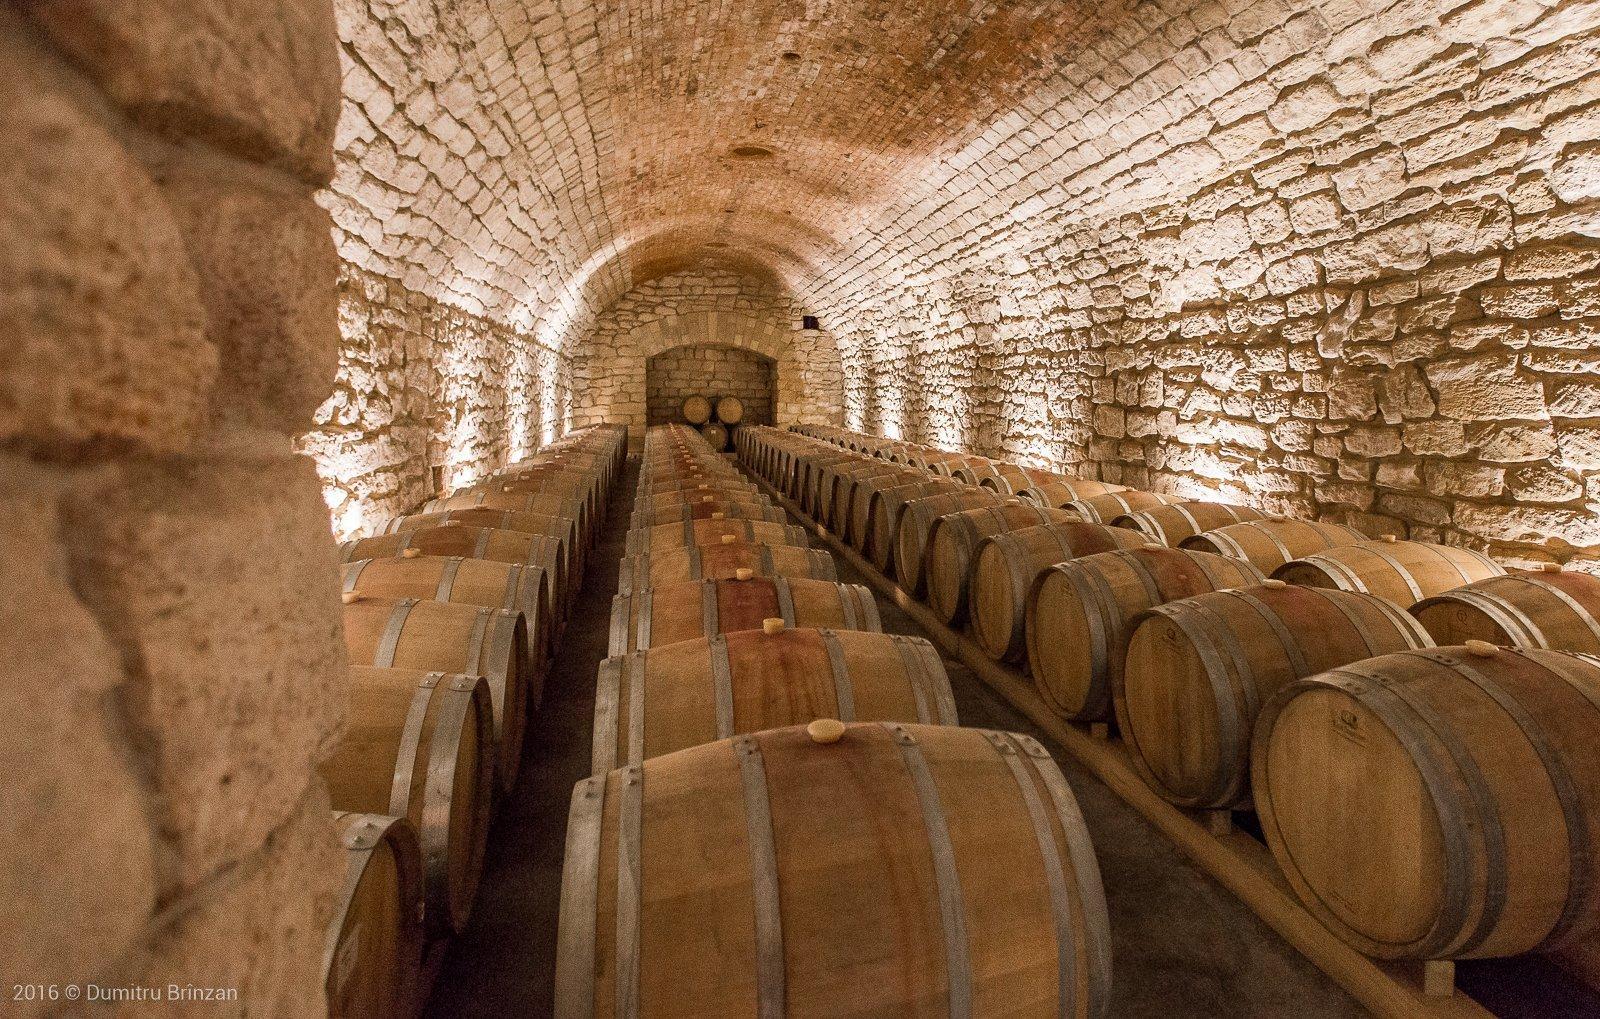 castel-mimi-winery-moldova-2016-22